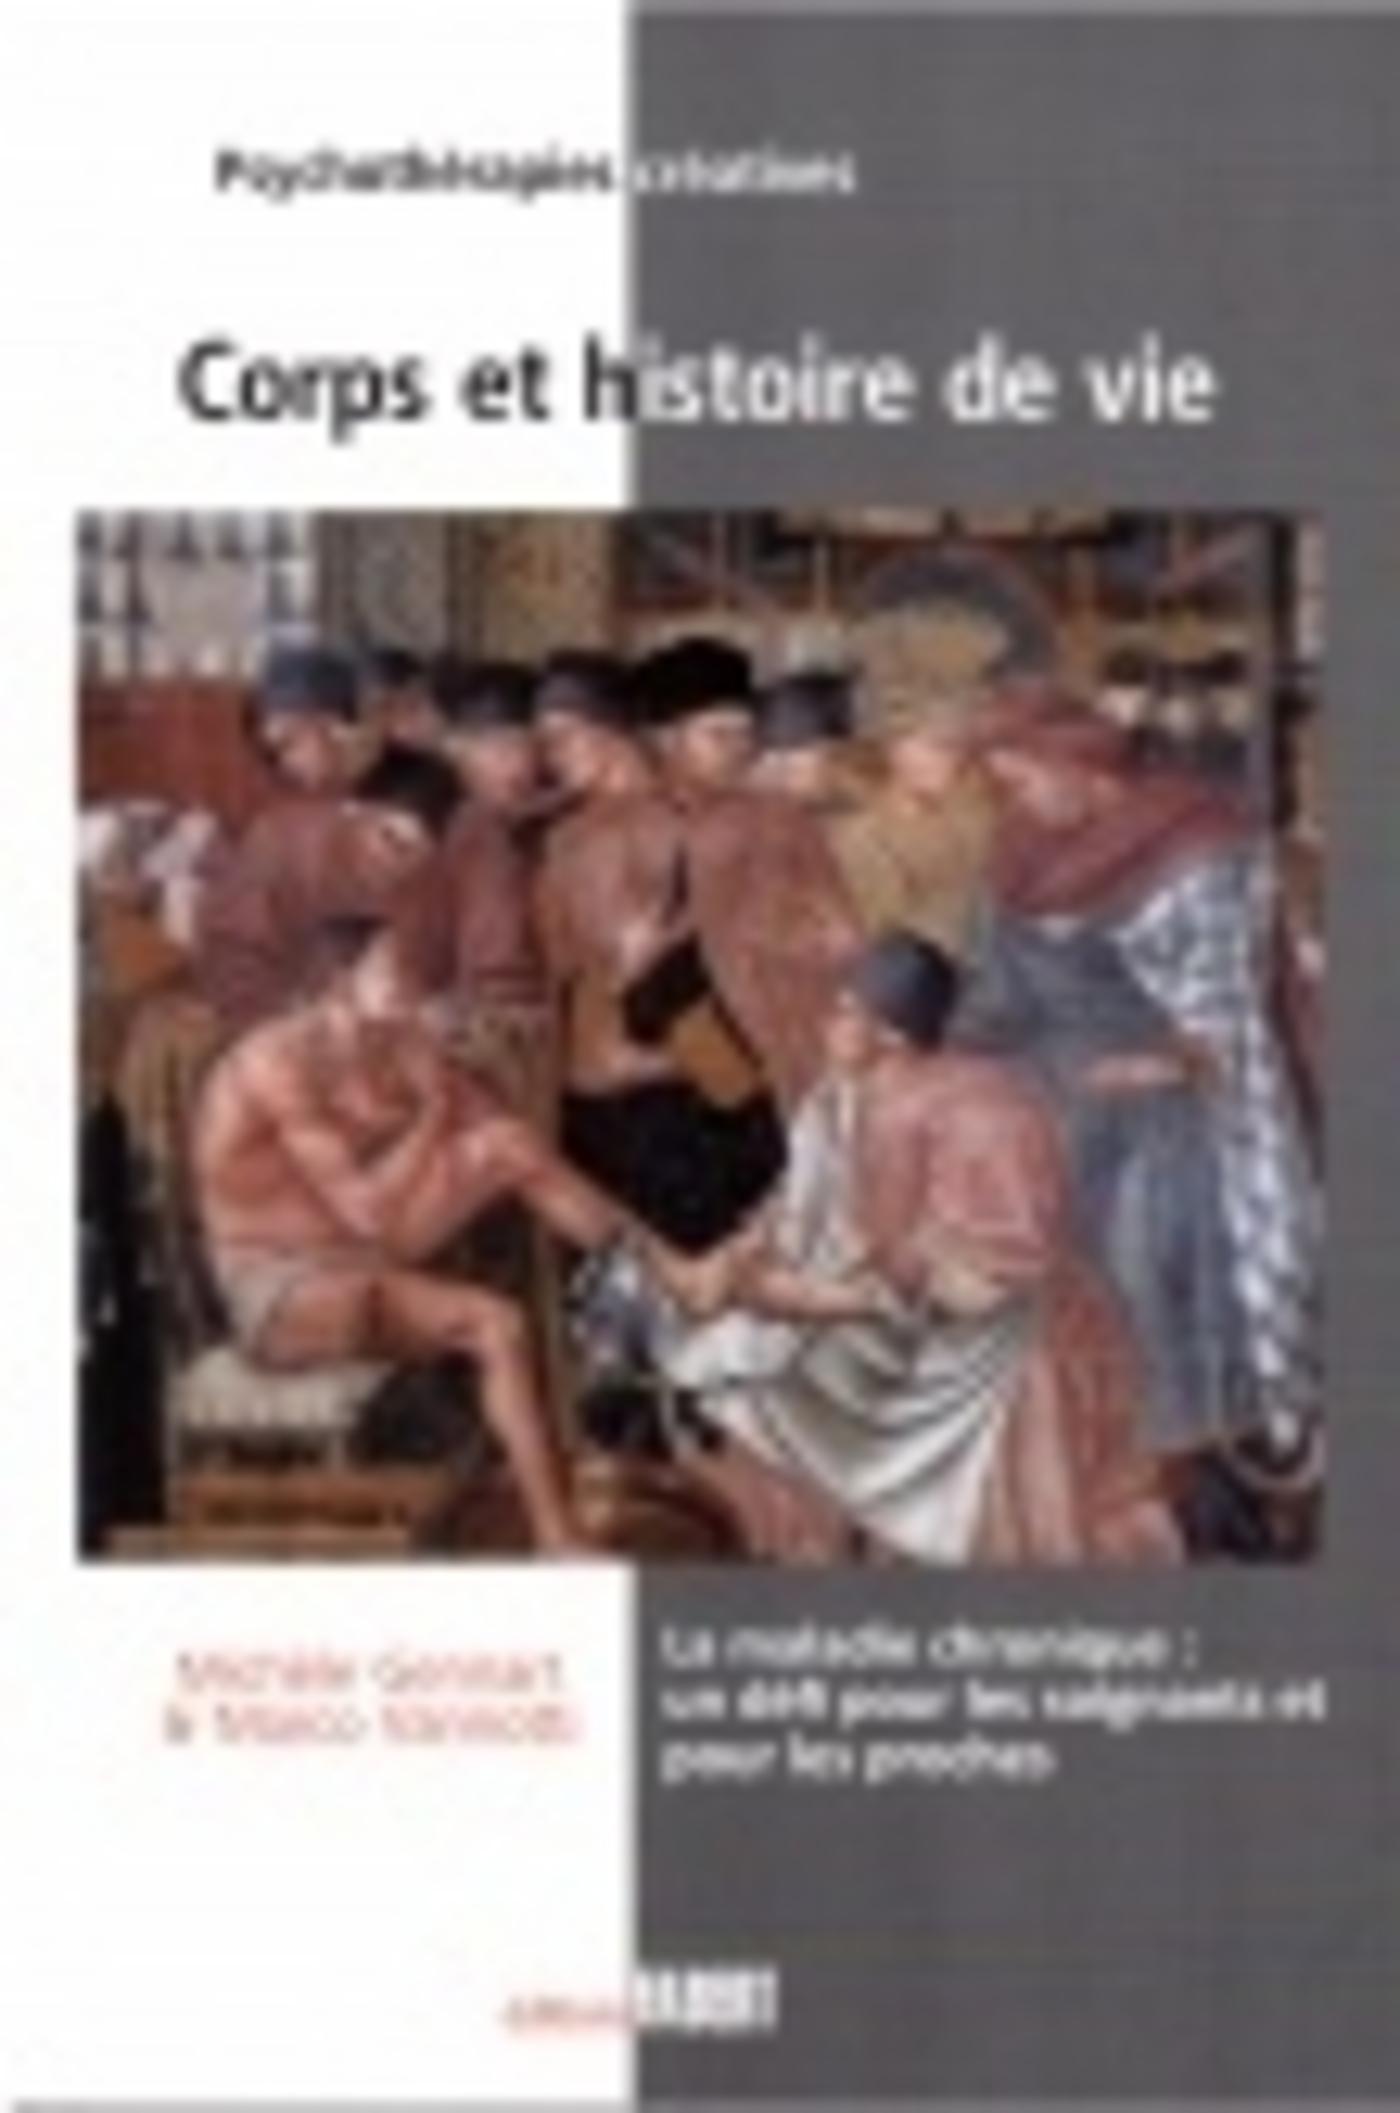 Corps et histoire de vie